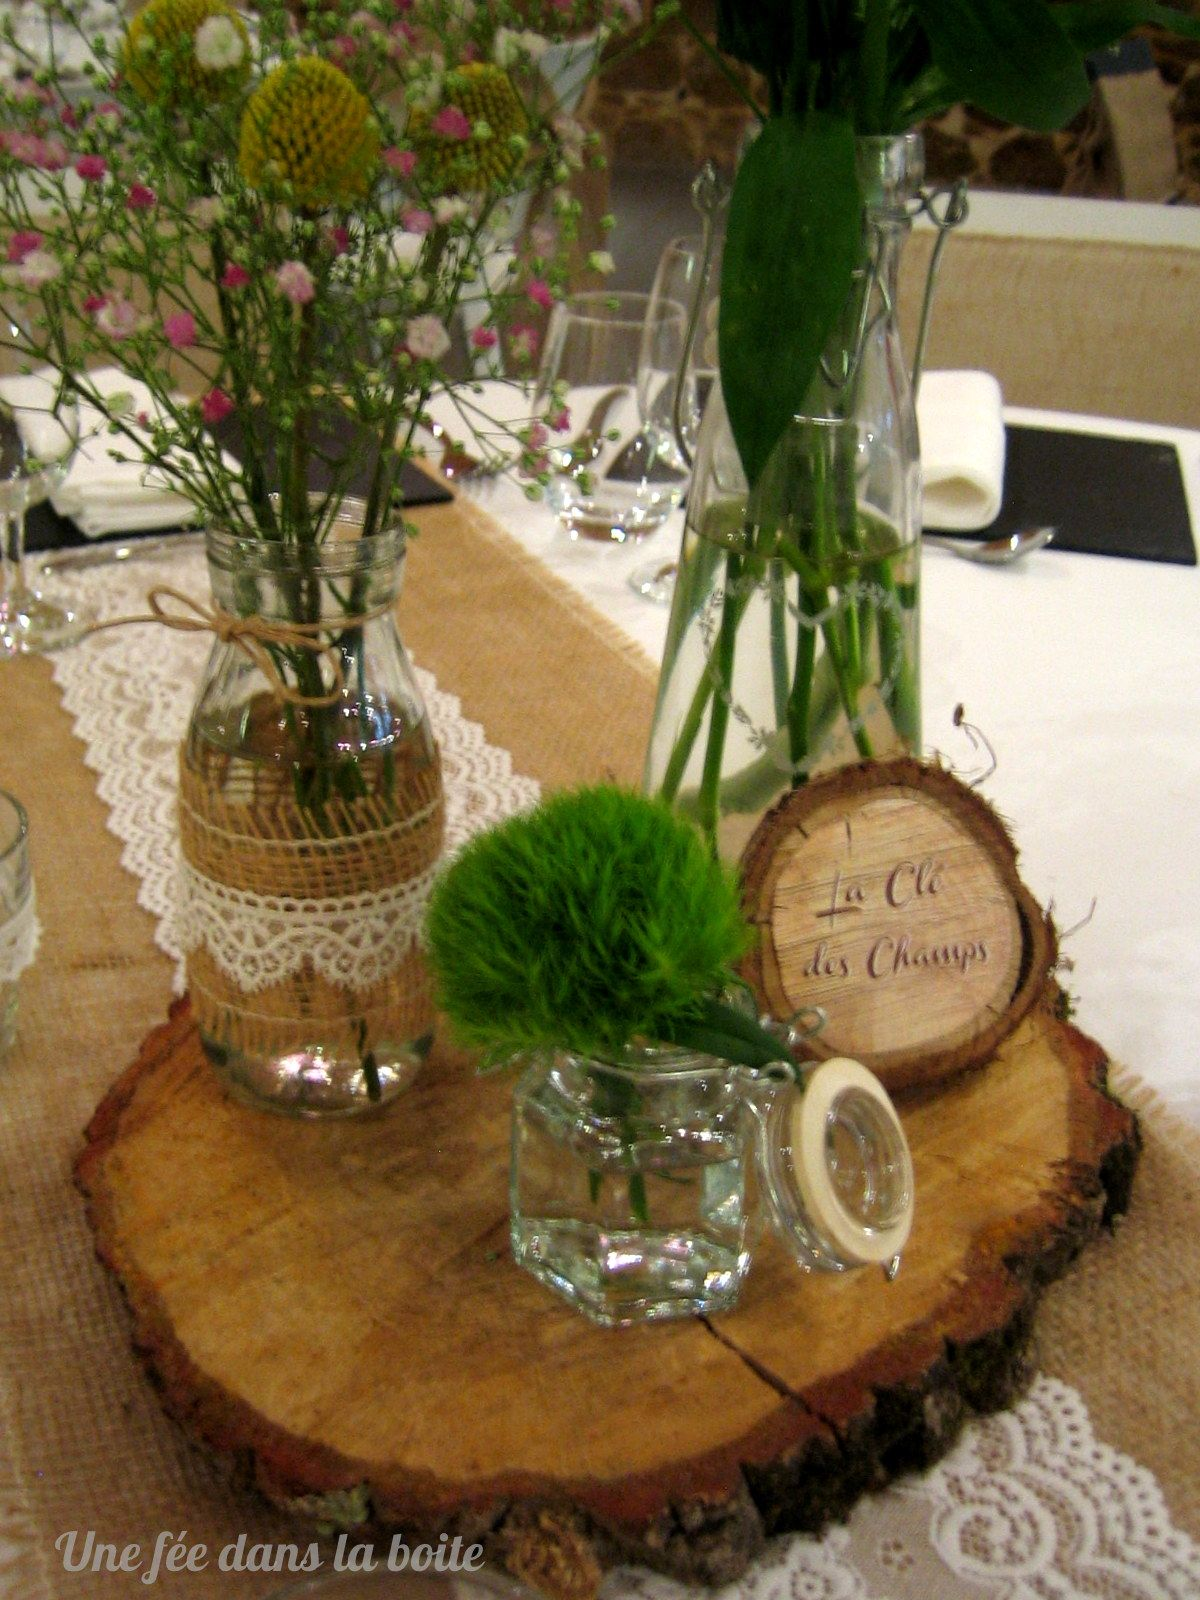 Mariage campagne chic gros plan sur le centre de table - Centre de table rondin de bois ...